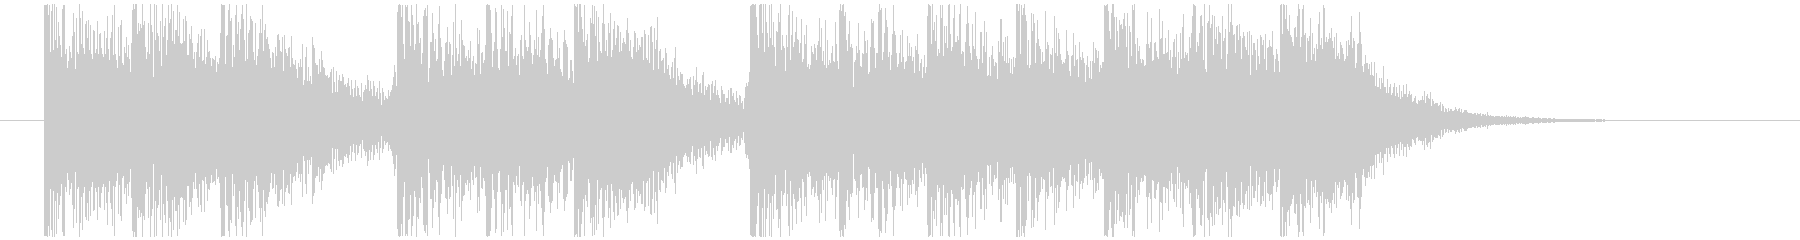 三三七拍子モチーフ力強い和風ジングル 1の未再生の波形